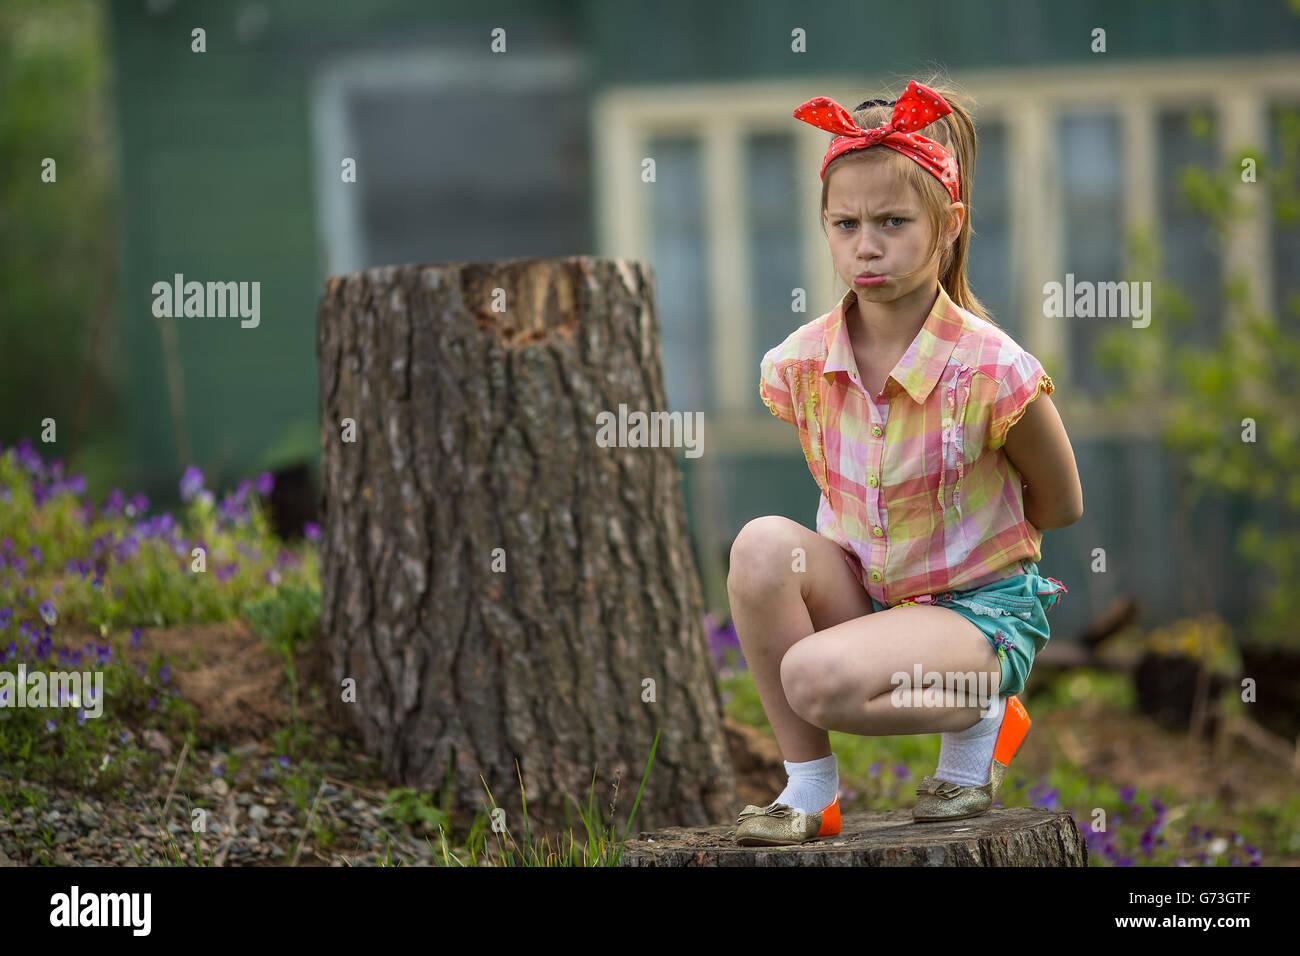 Petite fille dans une mauvaise humeur assis près de la maison du village. Photo Stock